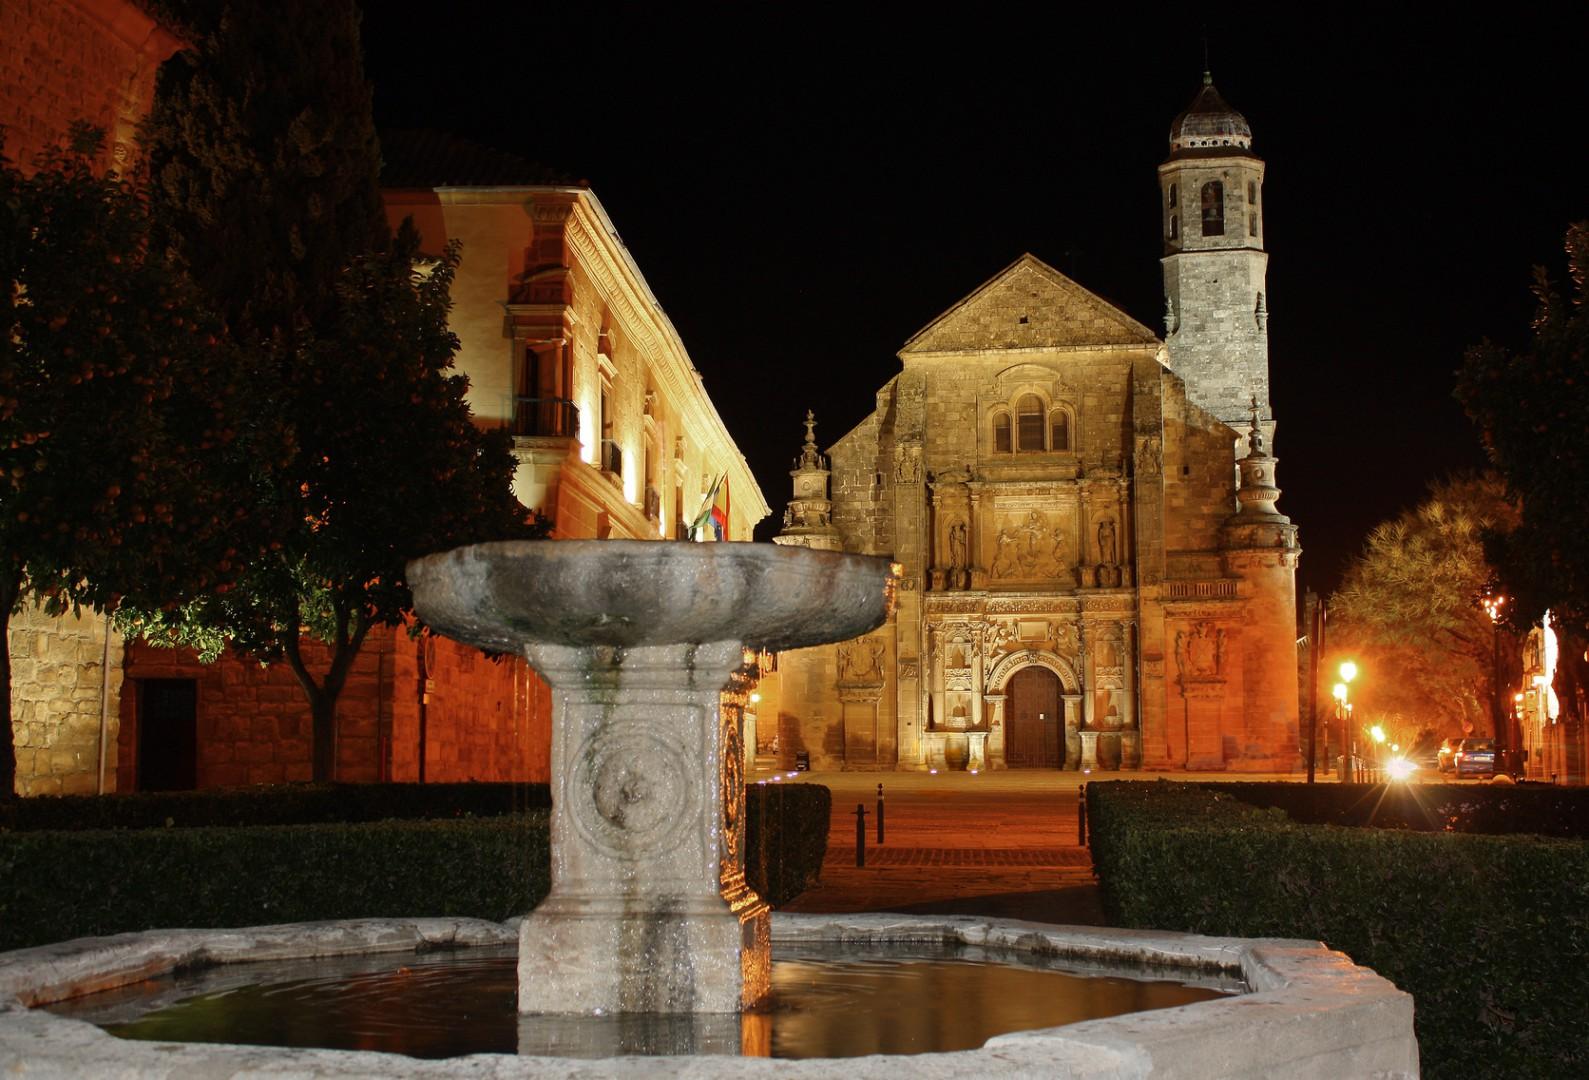 pueblos andaluces con encanto Vista nocturna plaza Vazquez de Molina, Ubeda